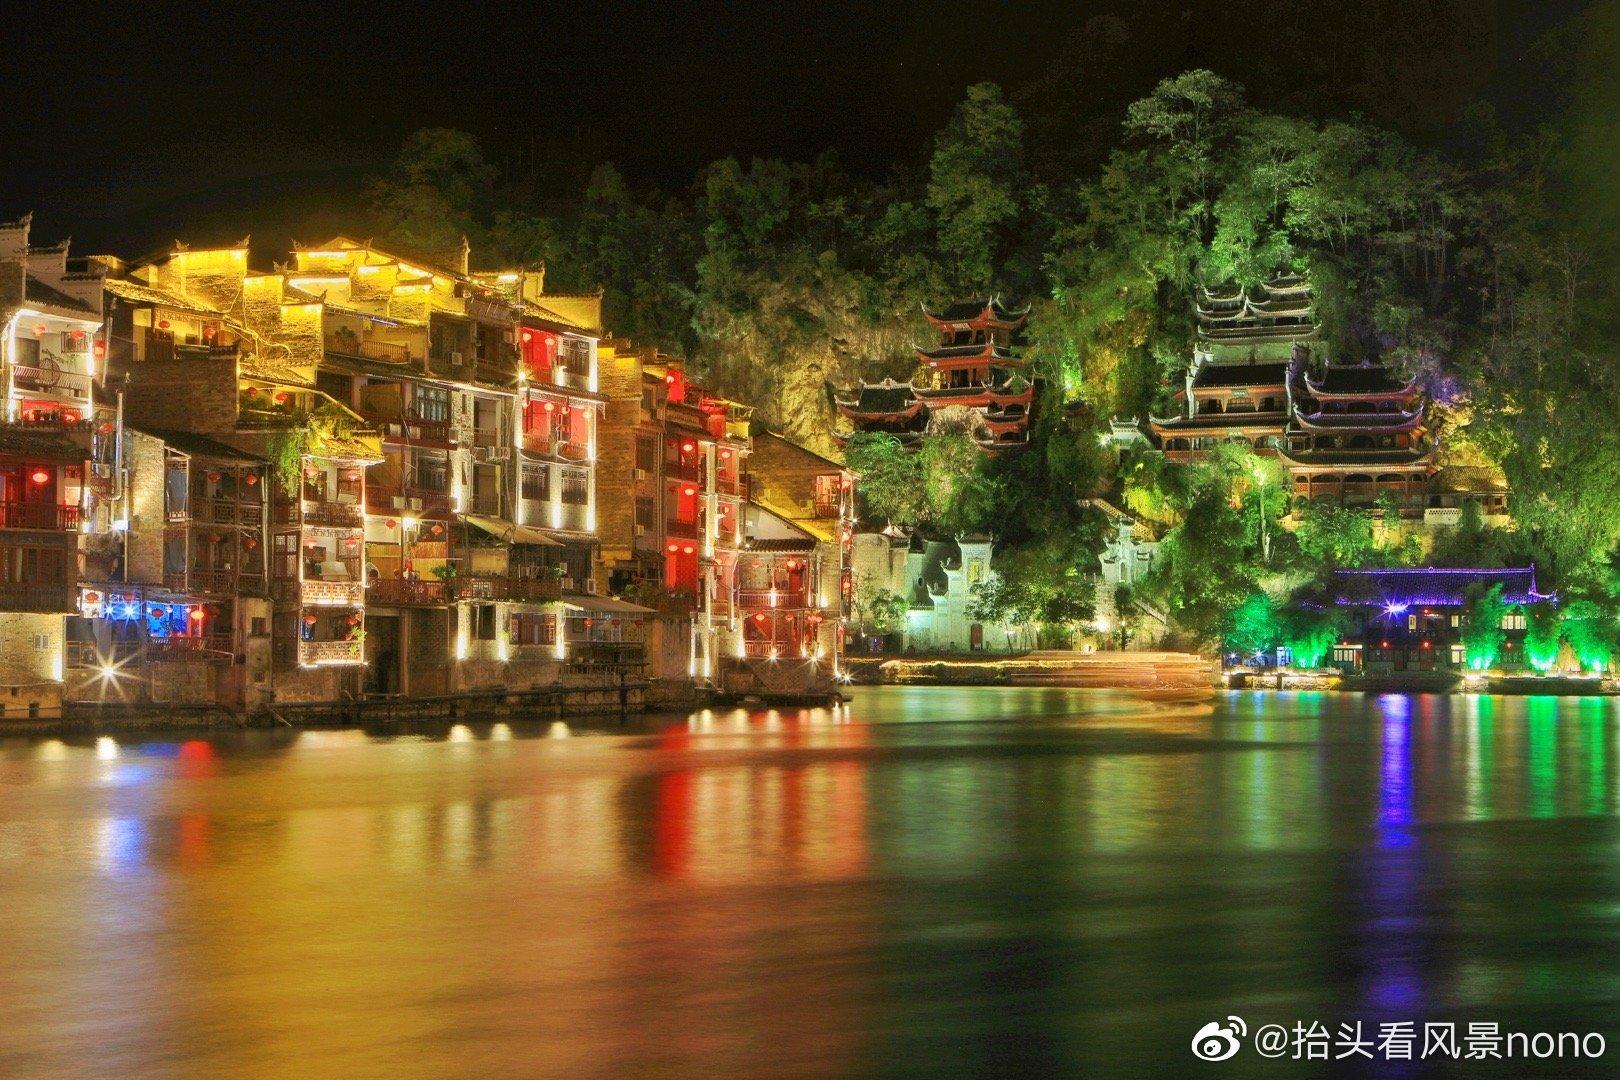 贵州,镇远古城的夜,美的如时光静止一般。舞阳河泛着微光